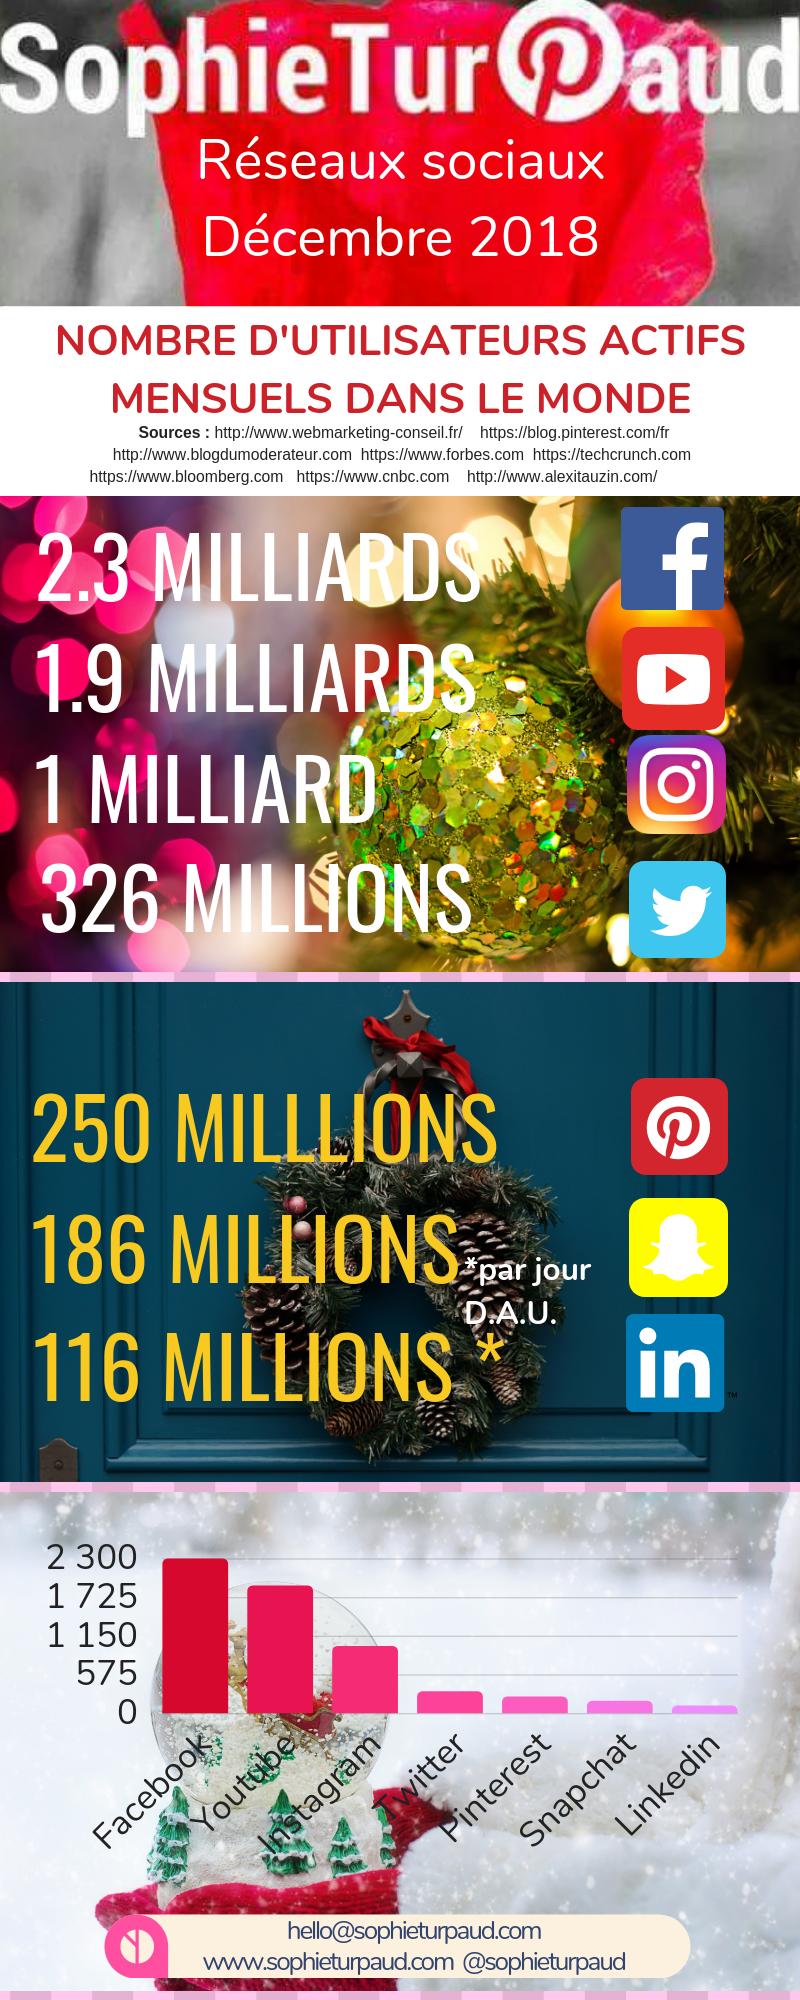 Infographie réseaux sociaux mise à jour décembre 2018 via @sophieturpaud #socialmedia